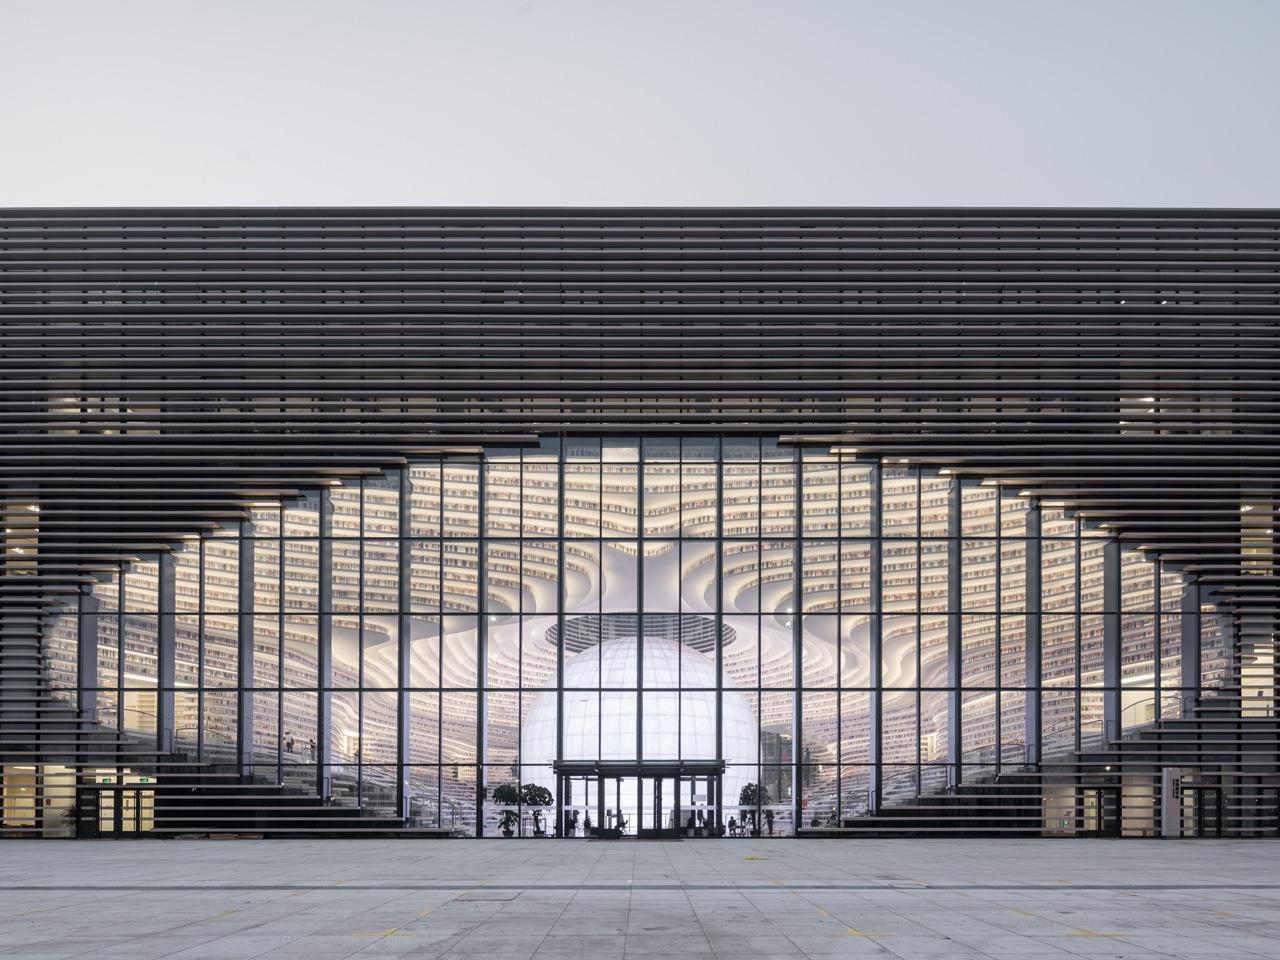 40_library mvrdv tianjin_Tianjin_Library_∏kiiwan